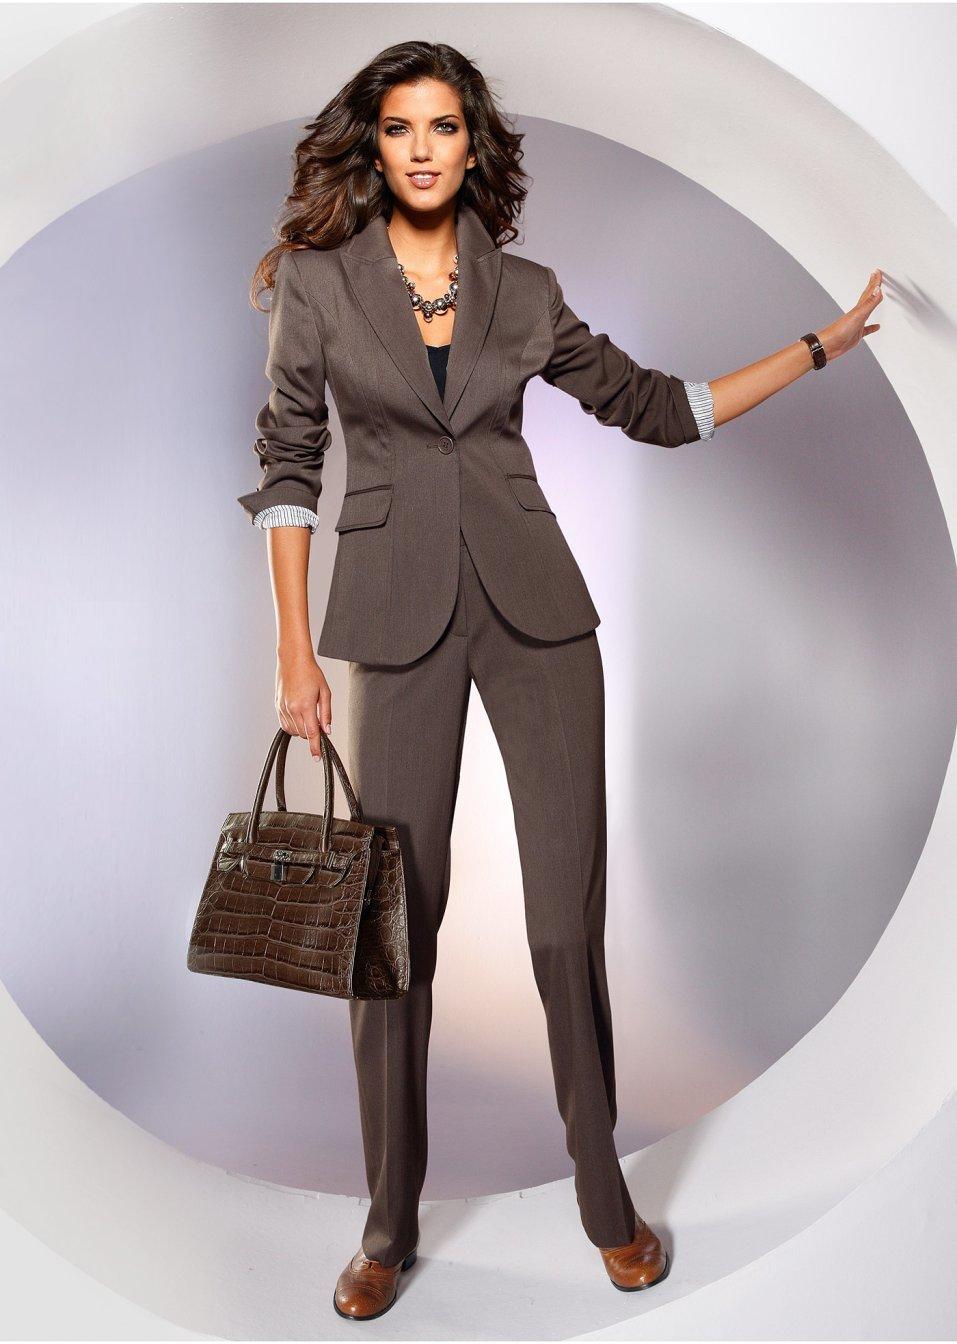 одеться очень дорого в брюках фото горшок ней